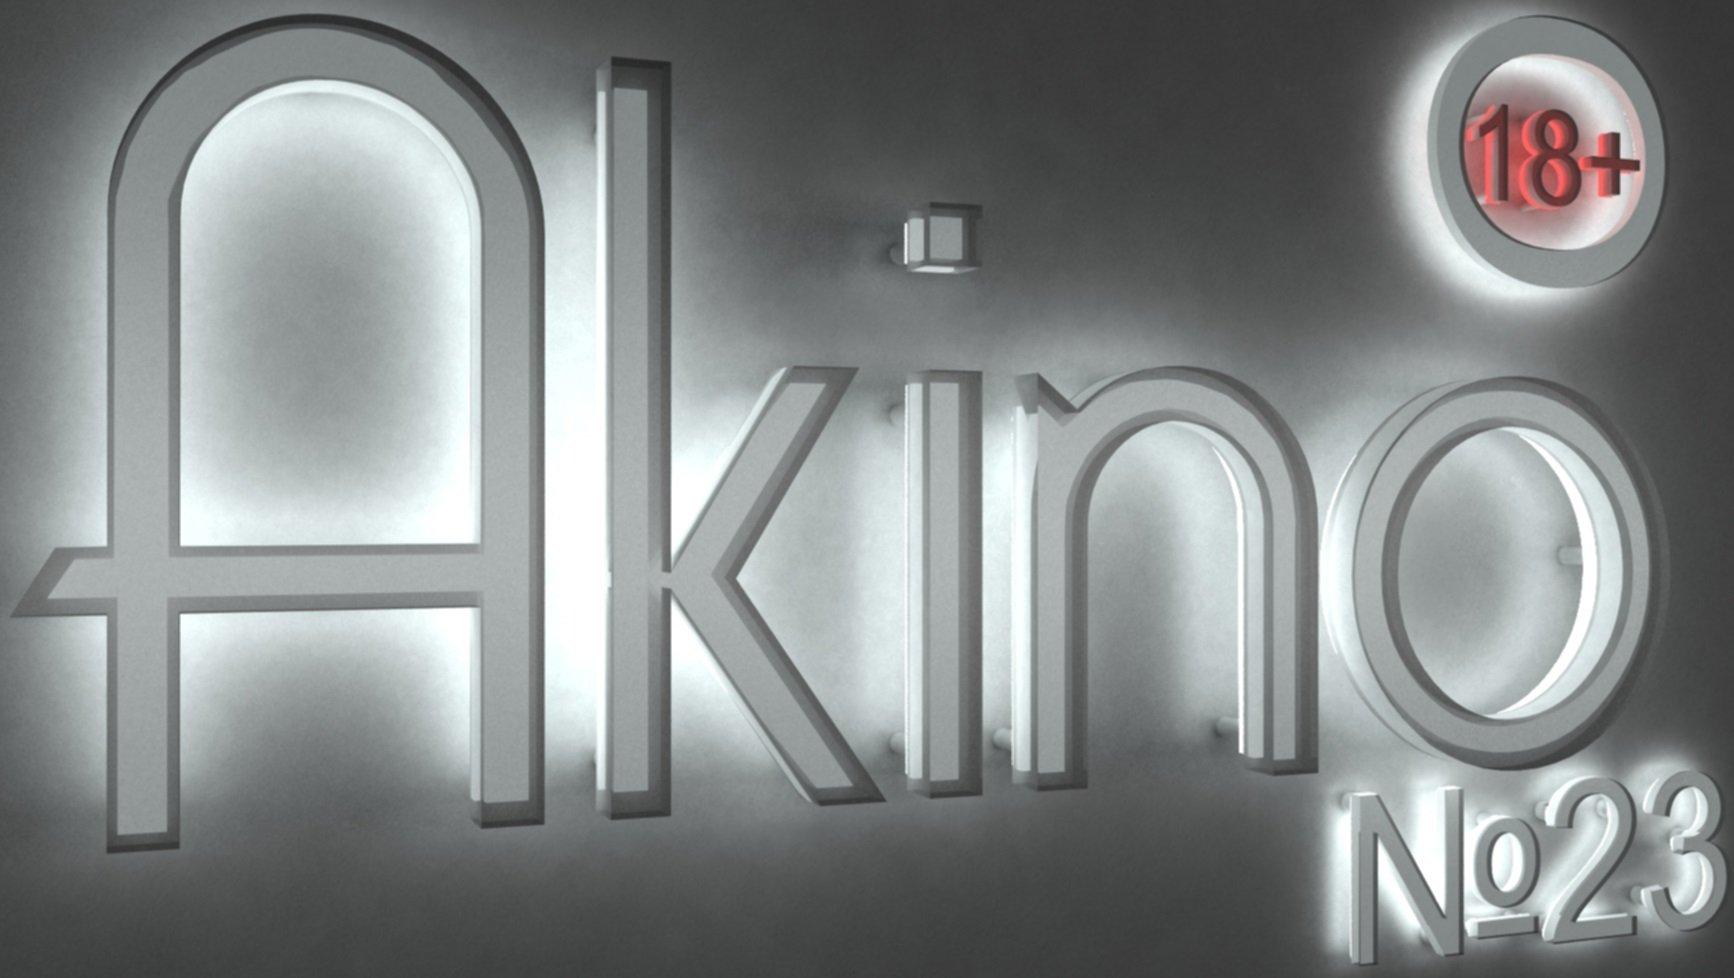 Подкаст AkiNO Выпуск № 23 (18+) - Изображение 1